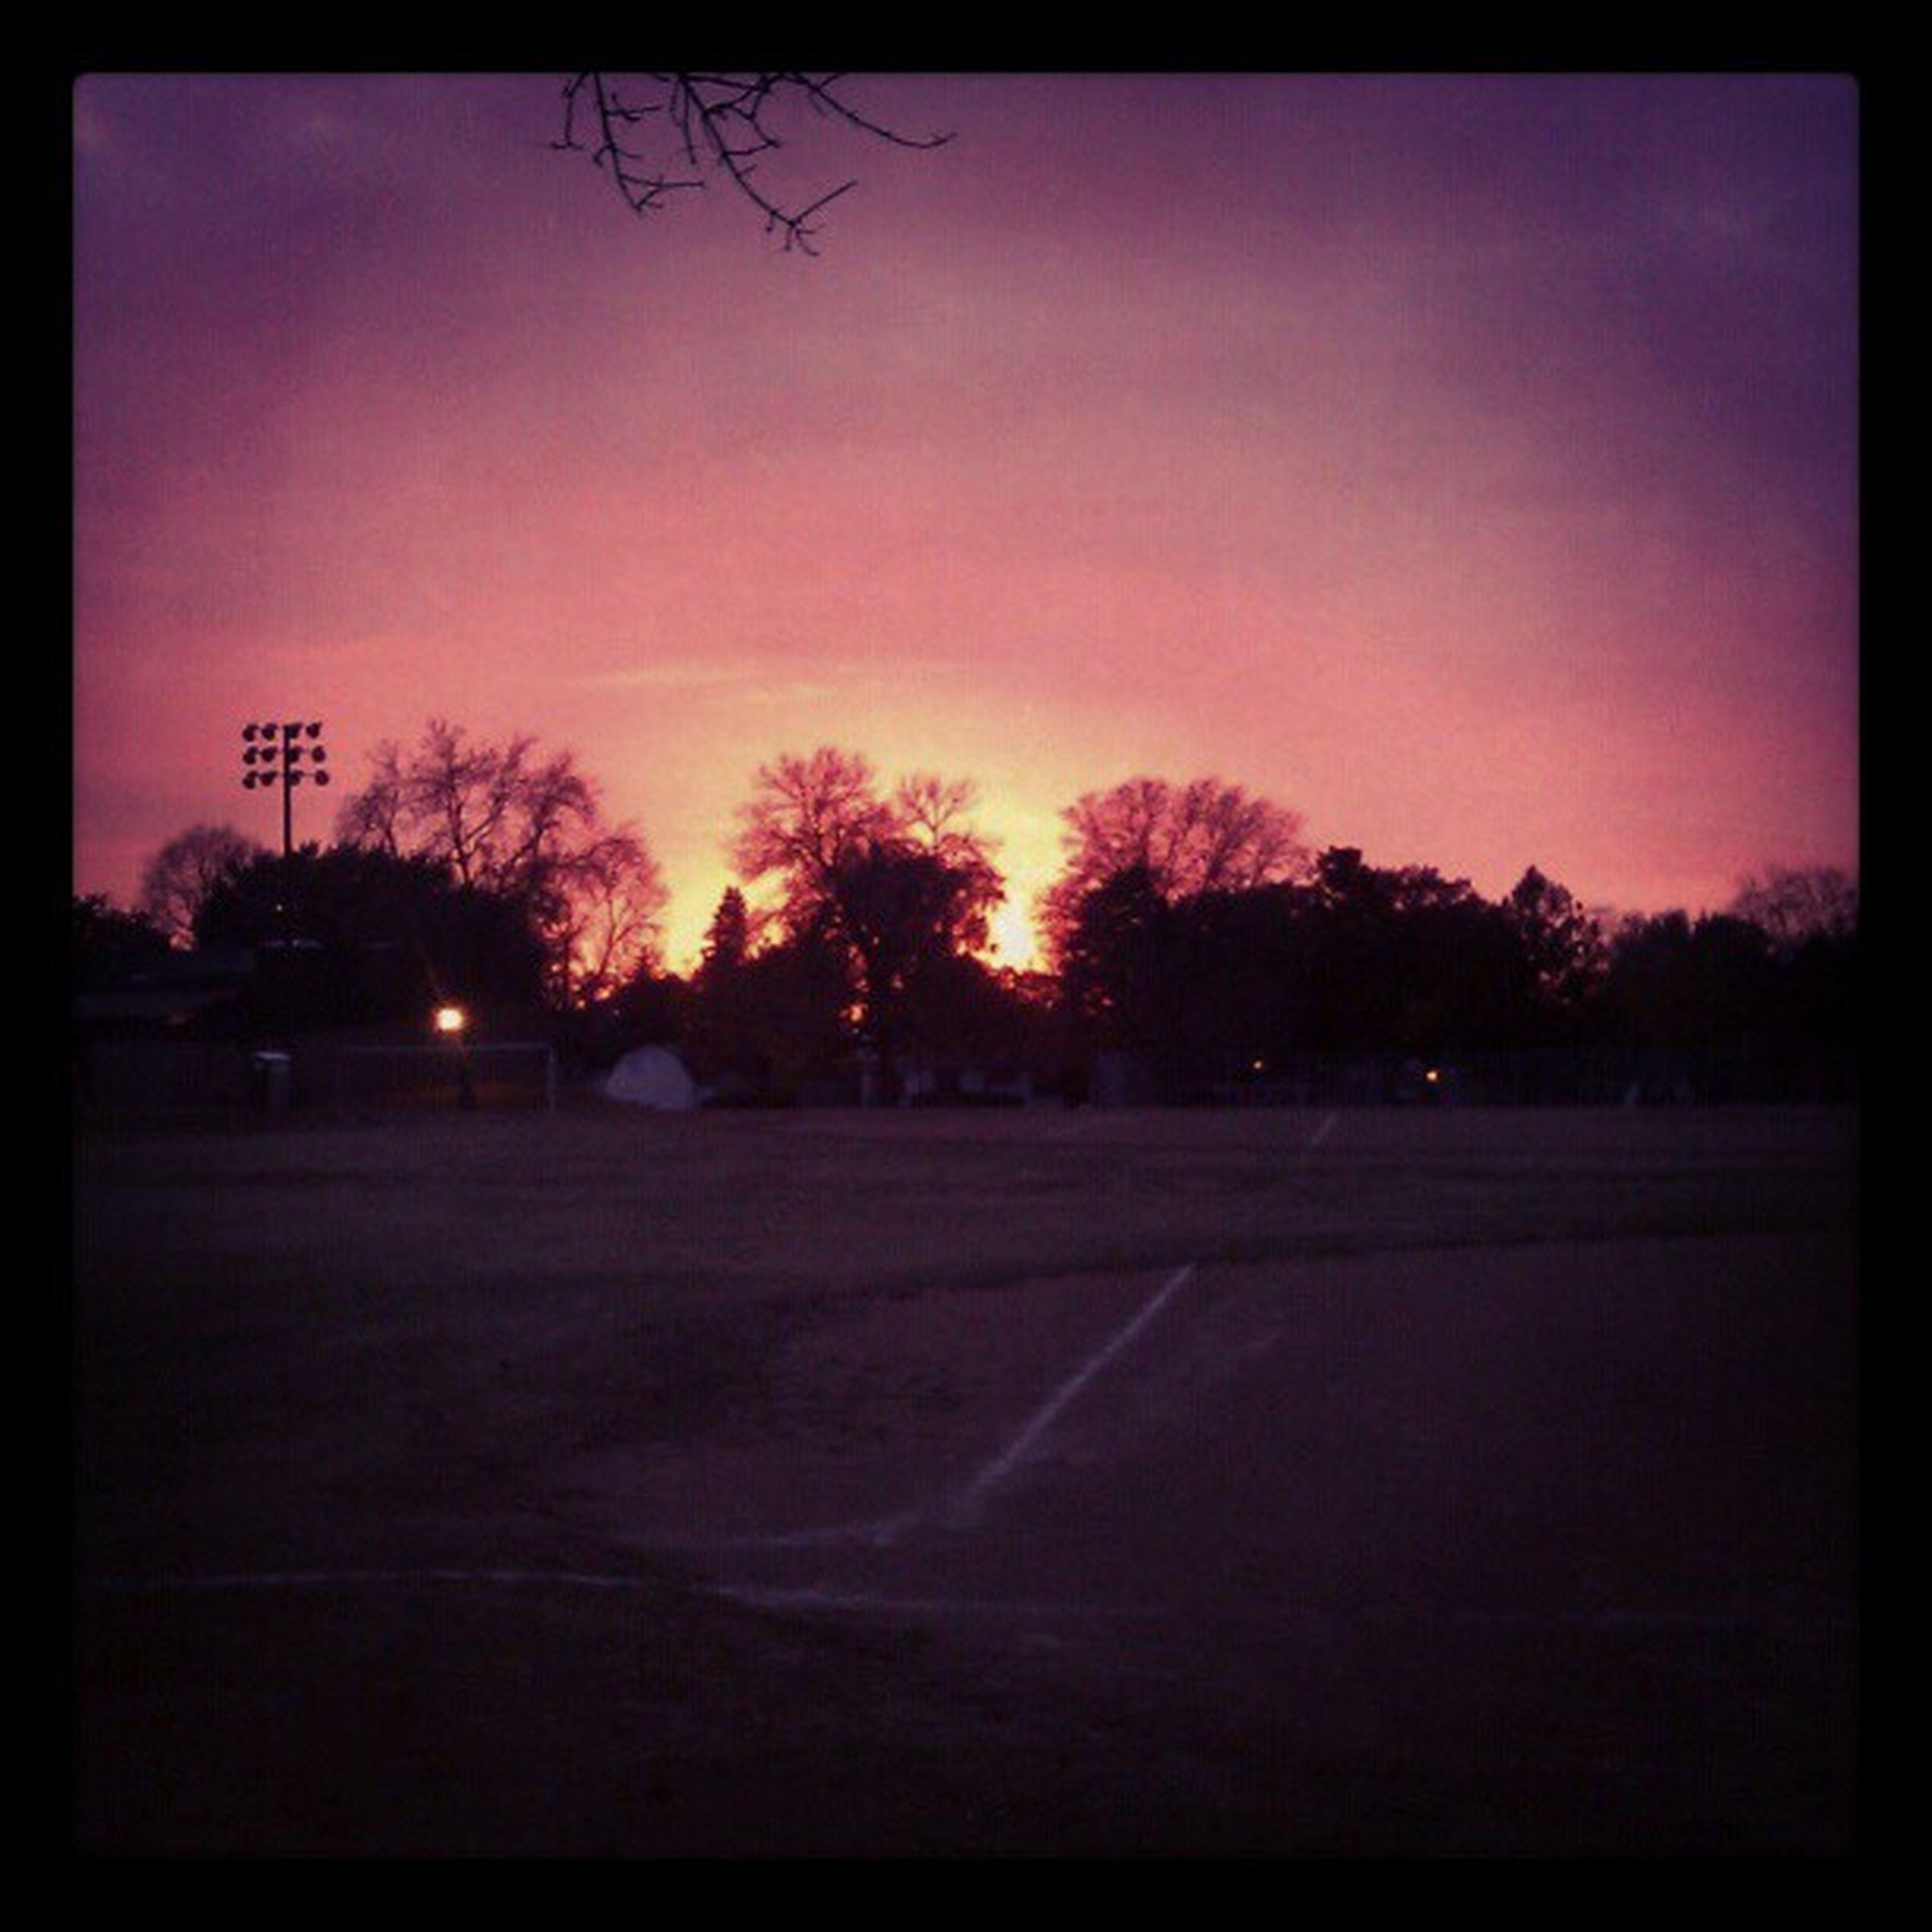 Sunset at EastviewPark